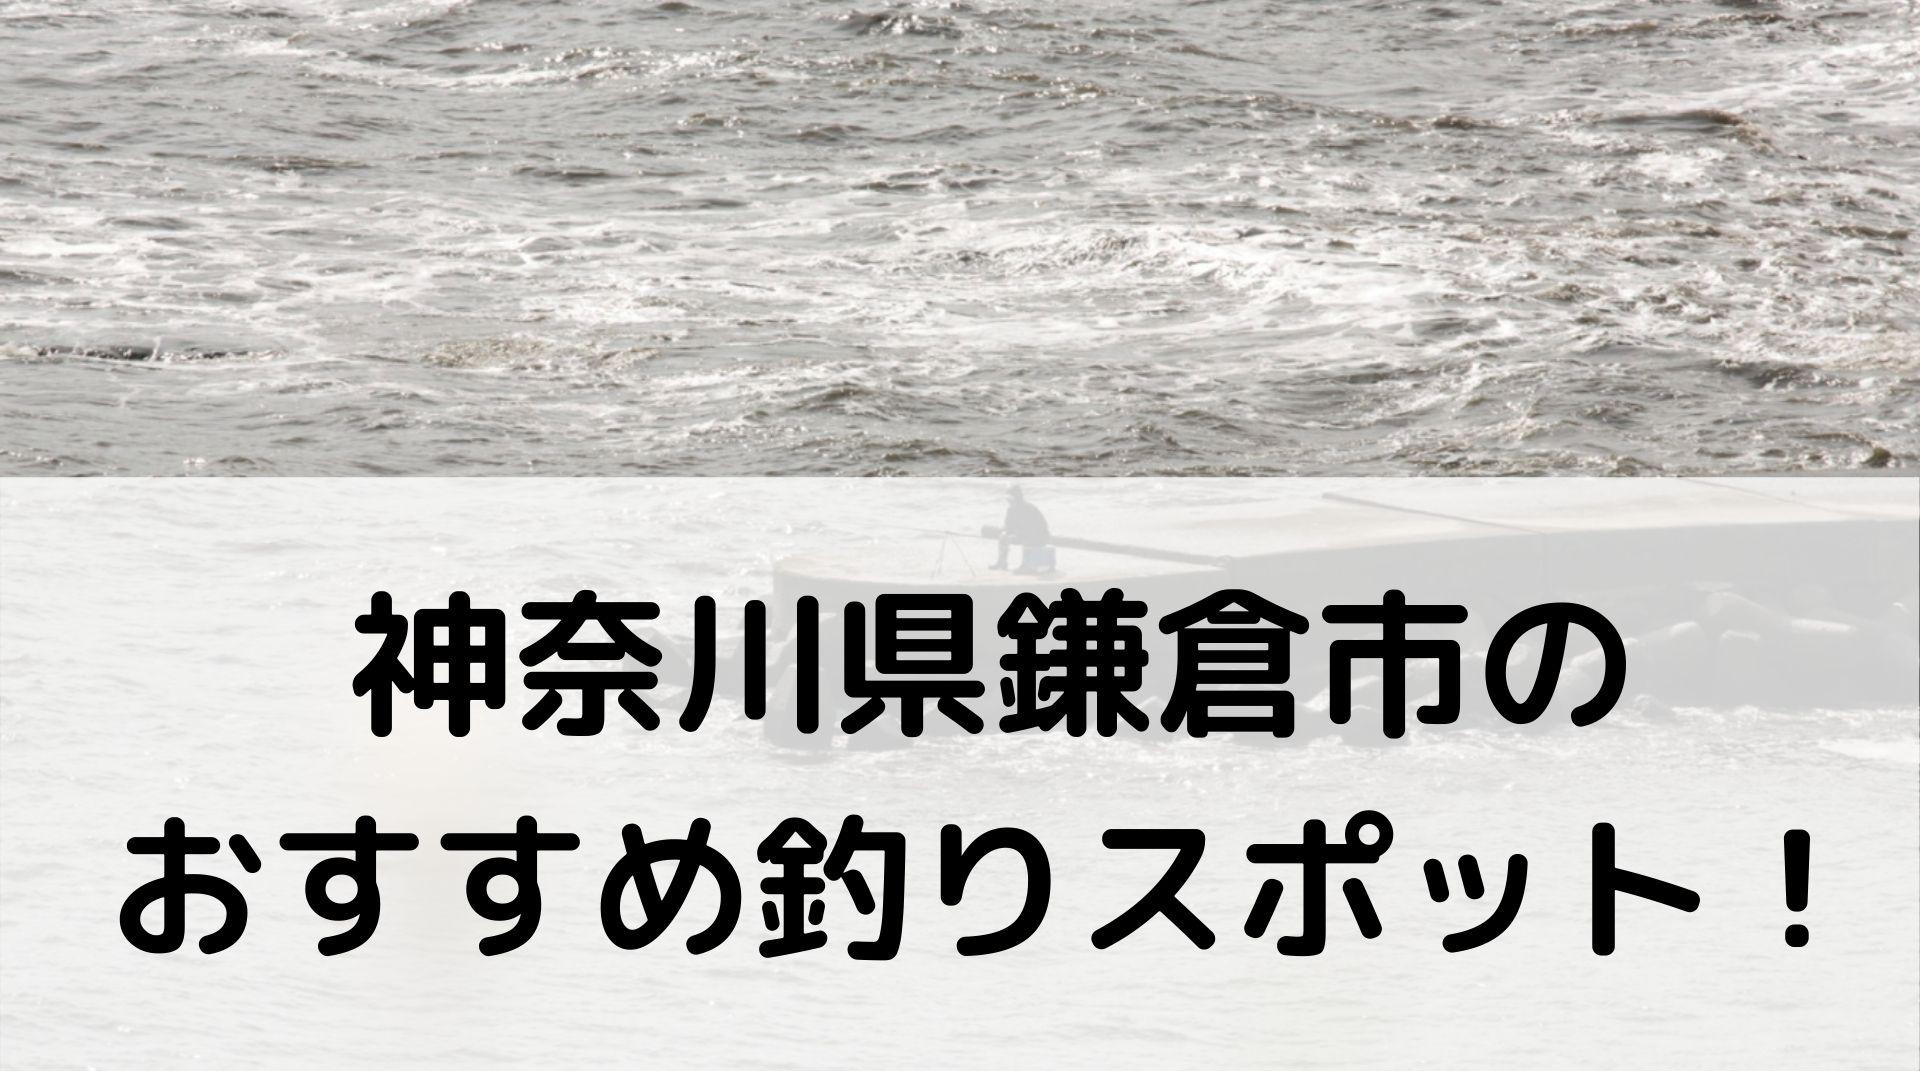 神奈川県鎌倉市のおすすめ釣りスポットに関する参考画像